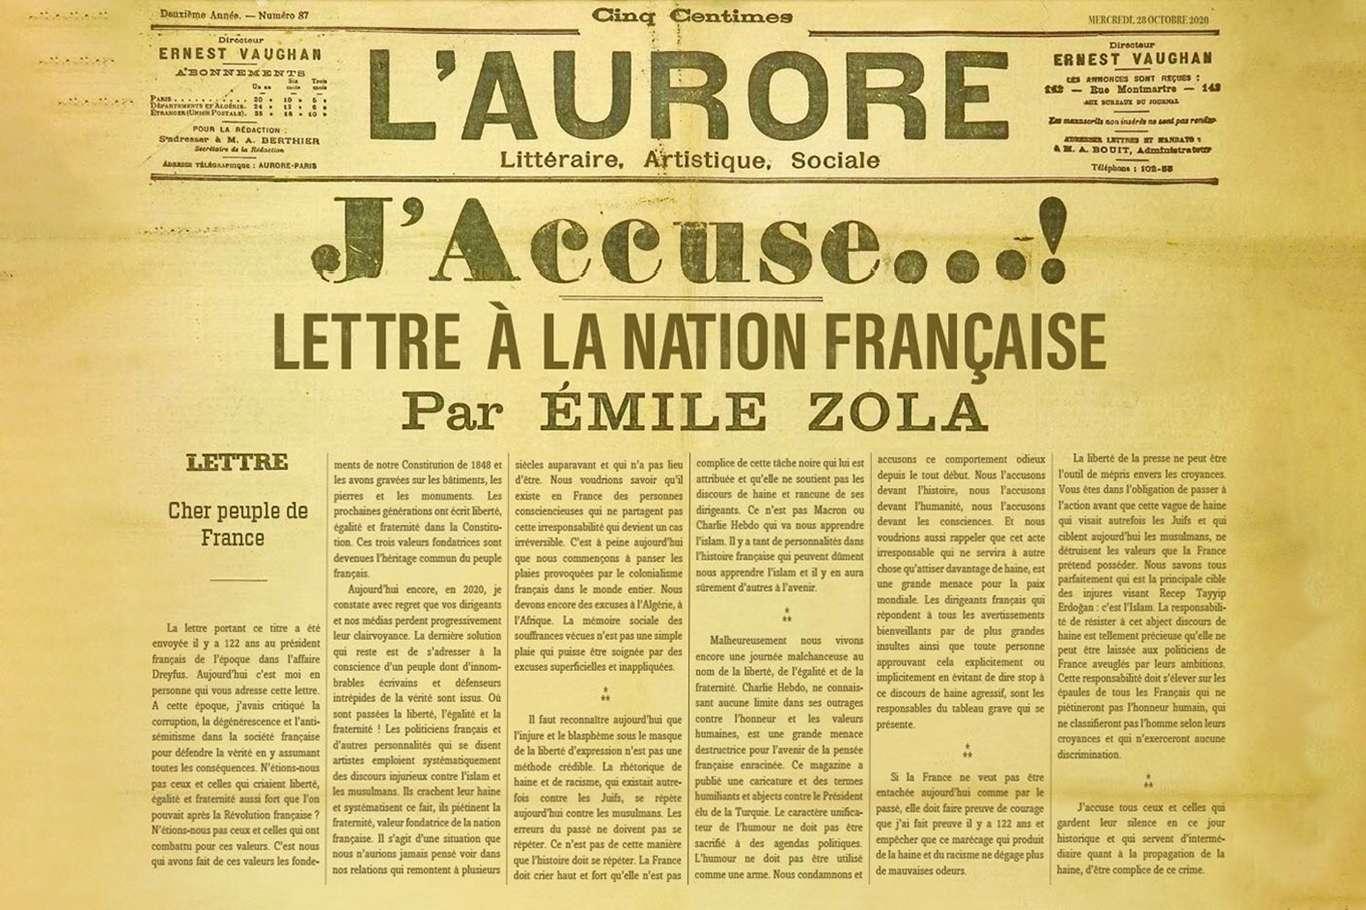 İletişim Başkanı Altun, Fransızlara Emile Zola'nın mektubunu hatırlattı